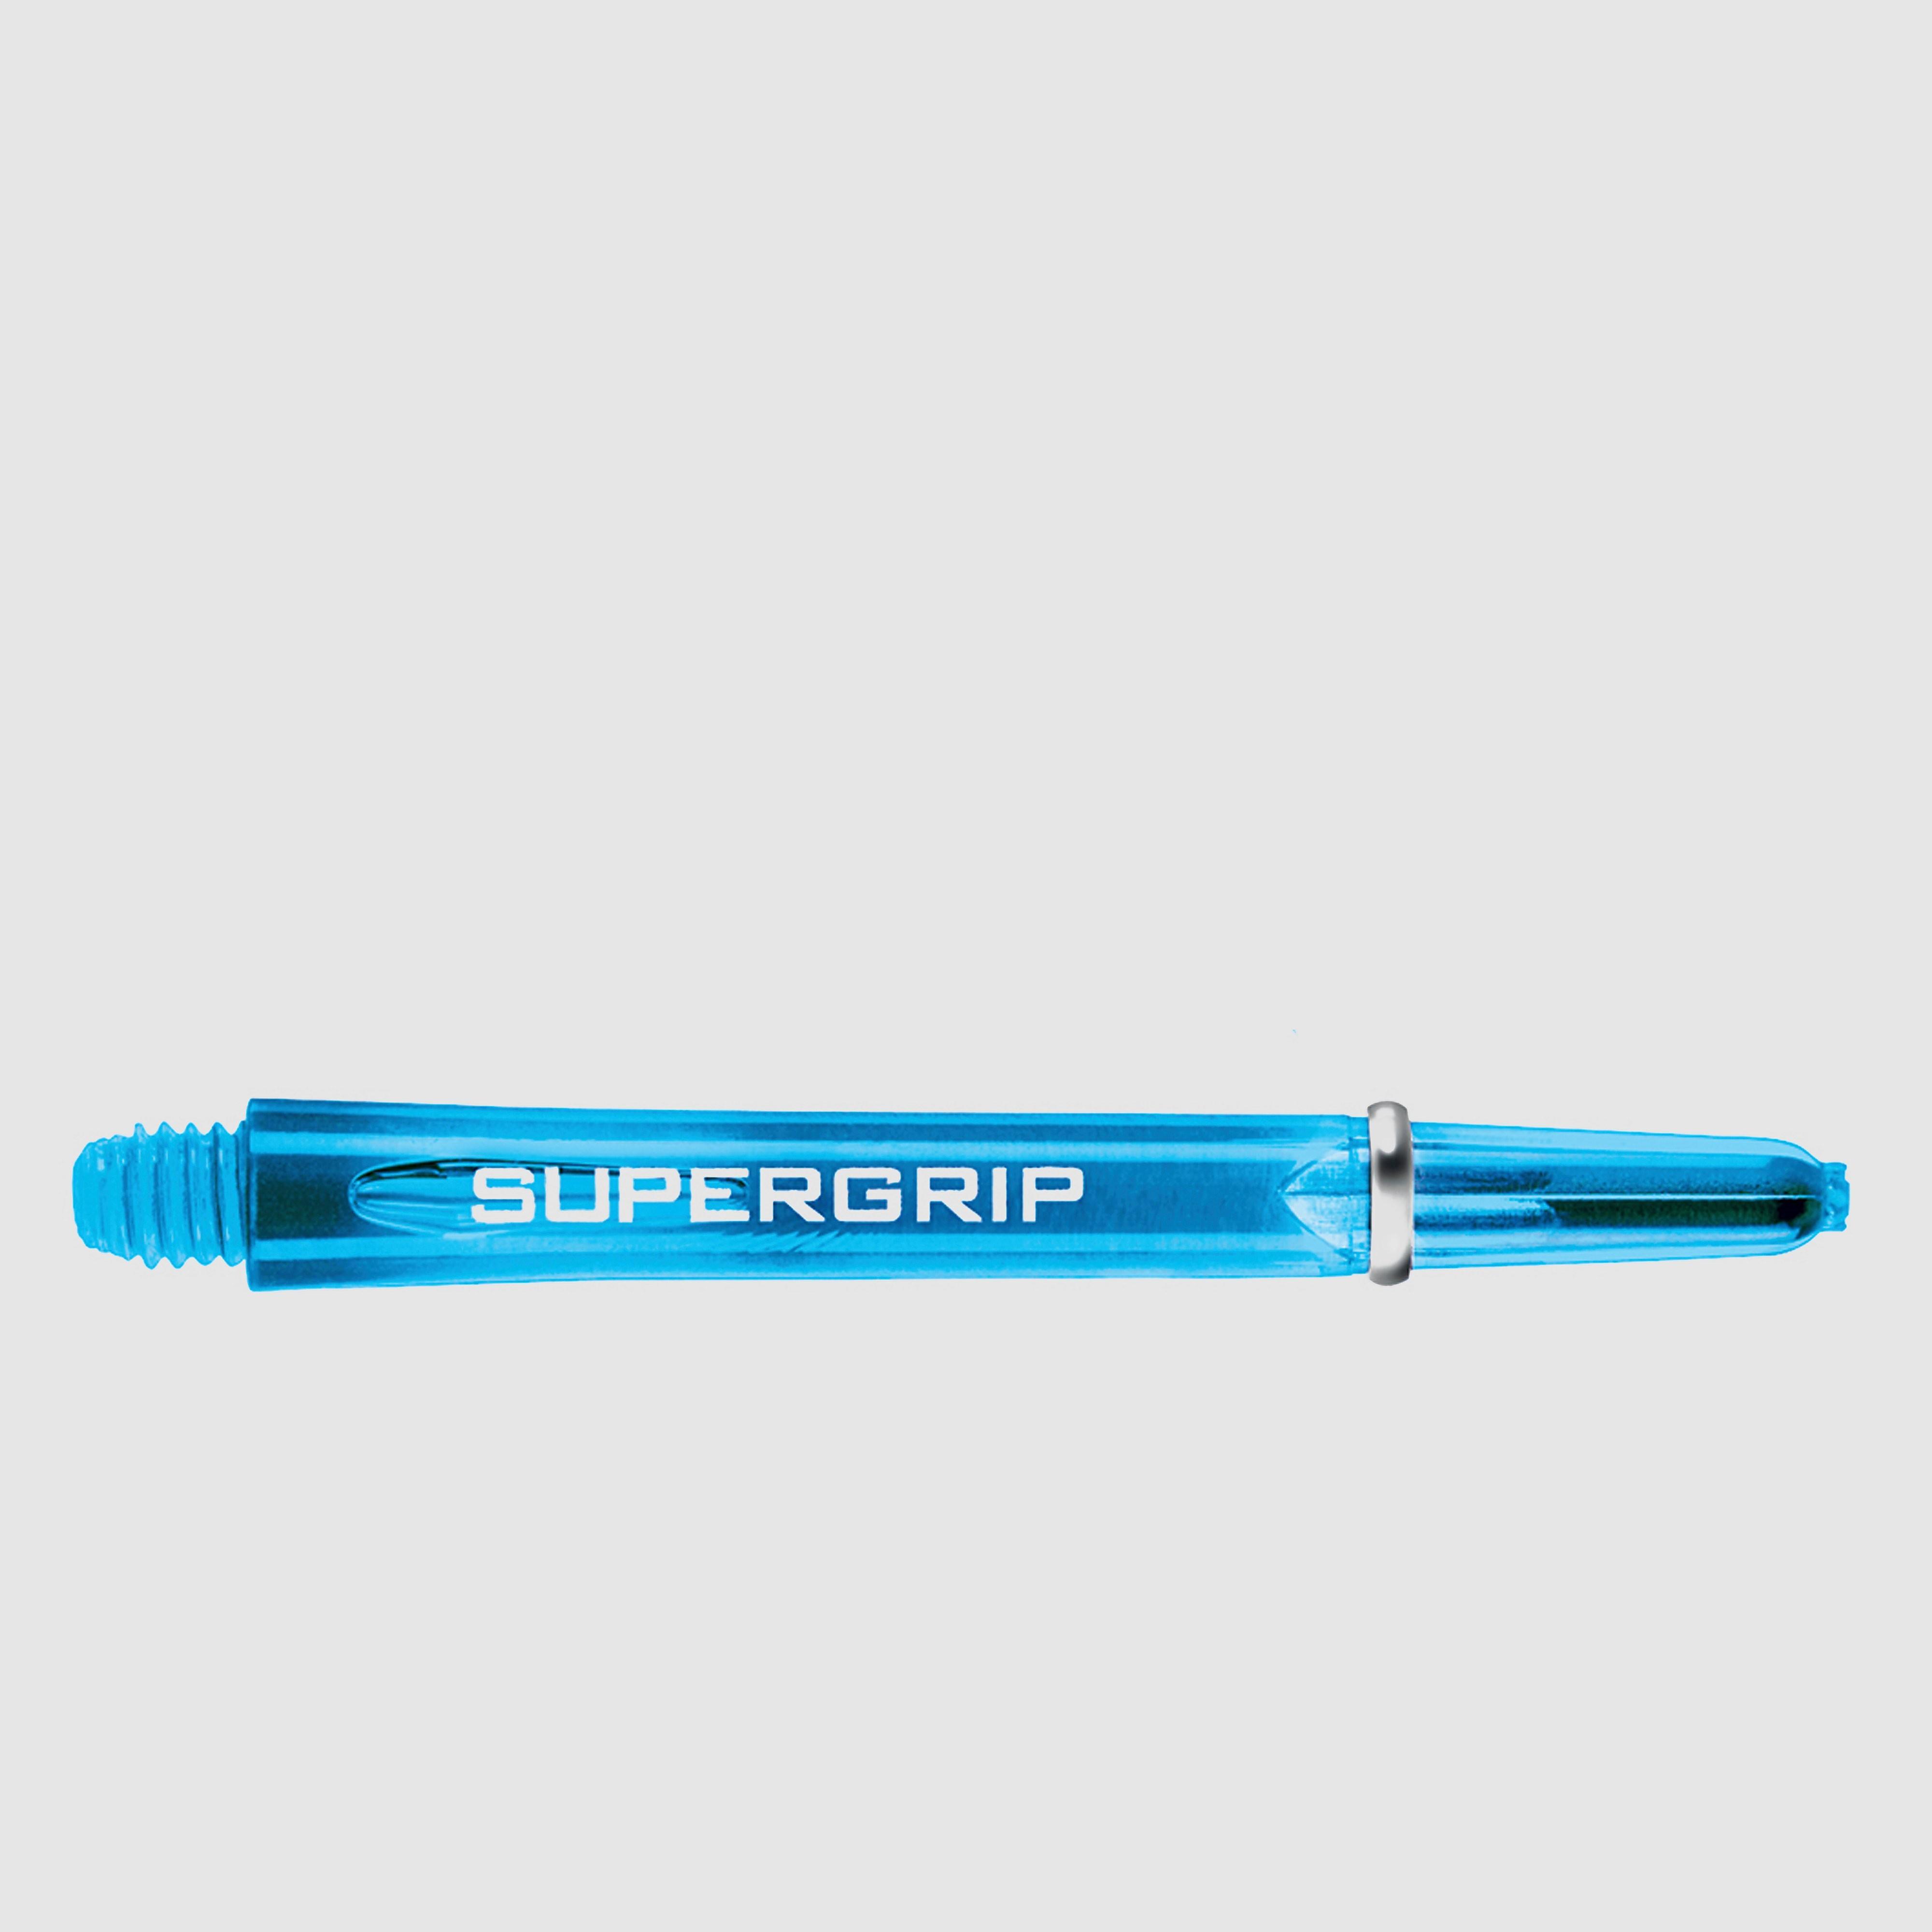 Supergrip Medium Shaft